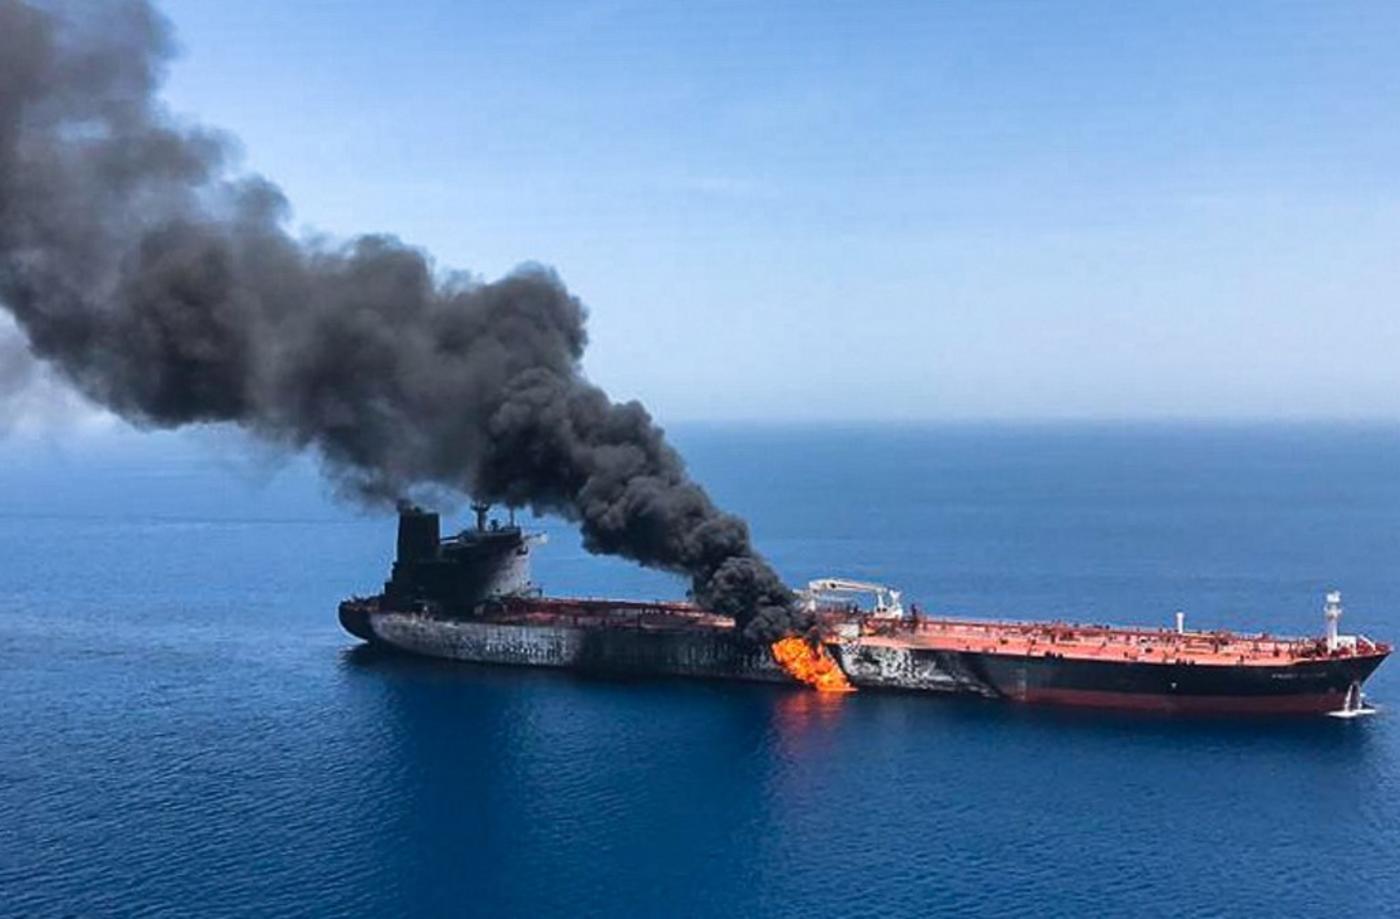 Saudi crown prince accuses rival Iran of tanker attacks